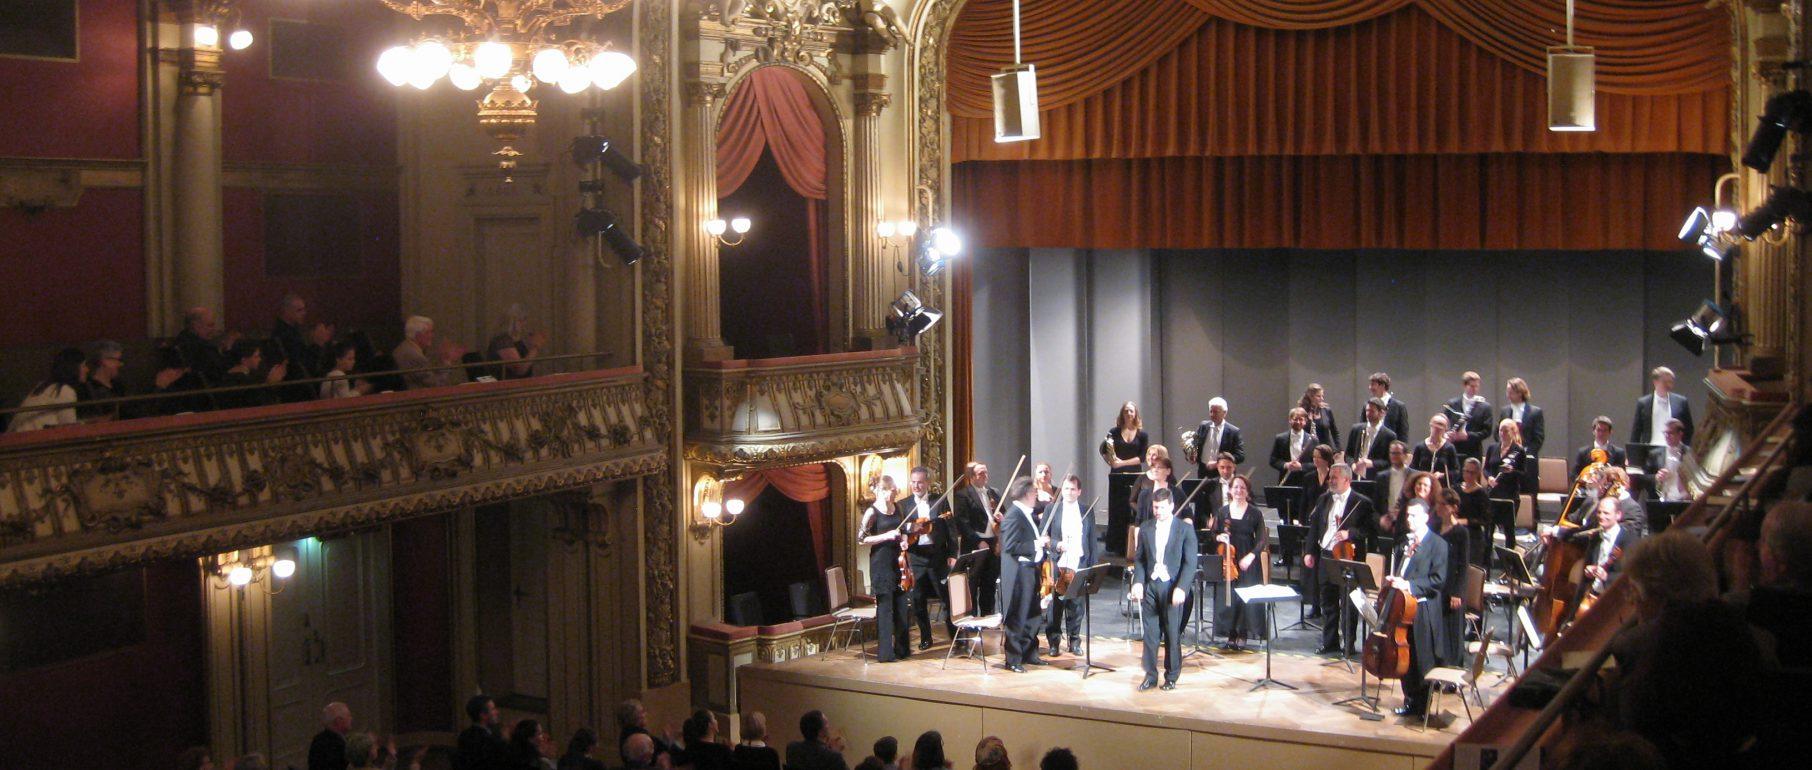 Auftritt des Kammerorchesters in Ravensburg